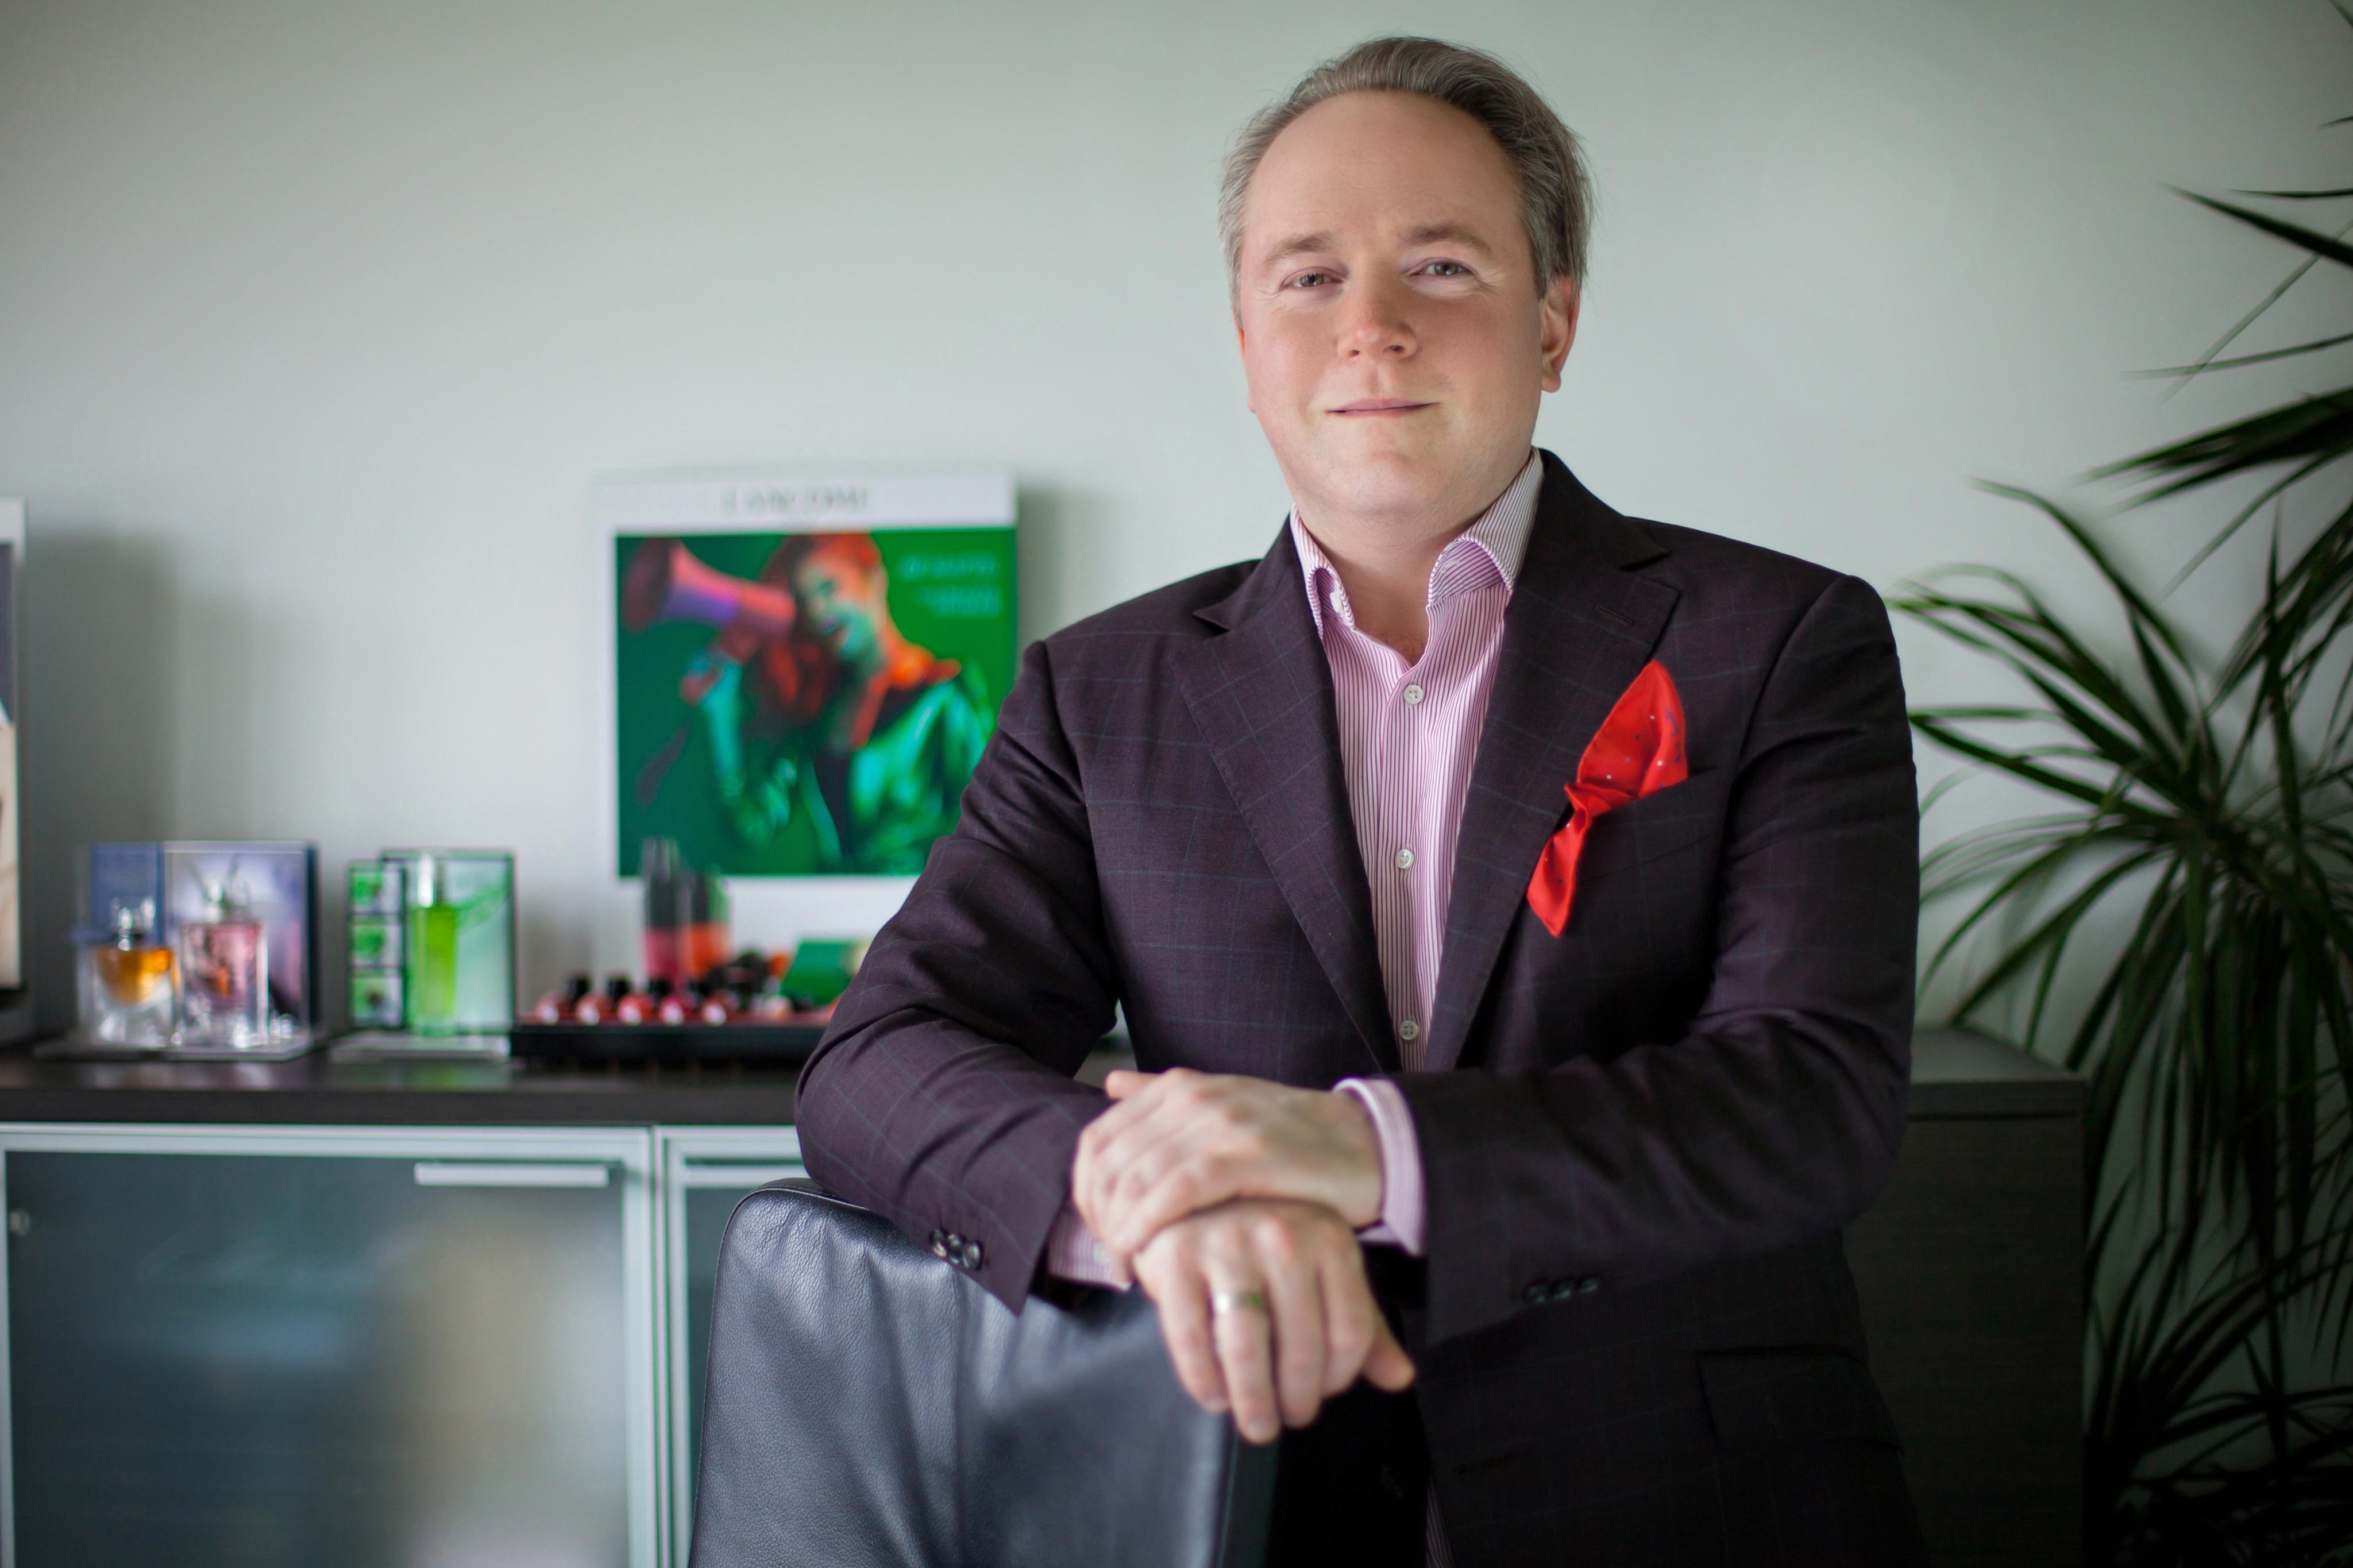 Марк Савчук, L'Oreal: Бизнес не любит риска или